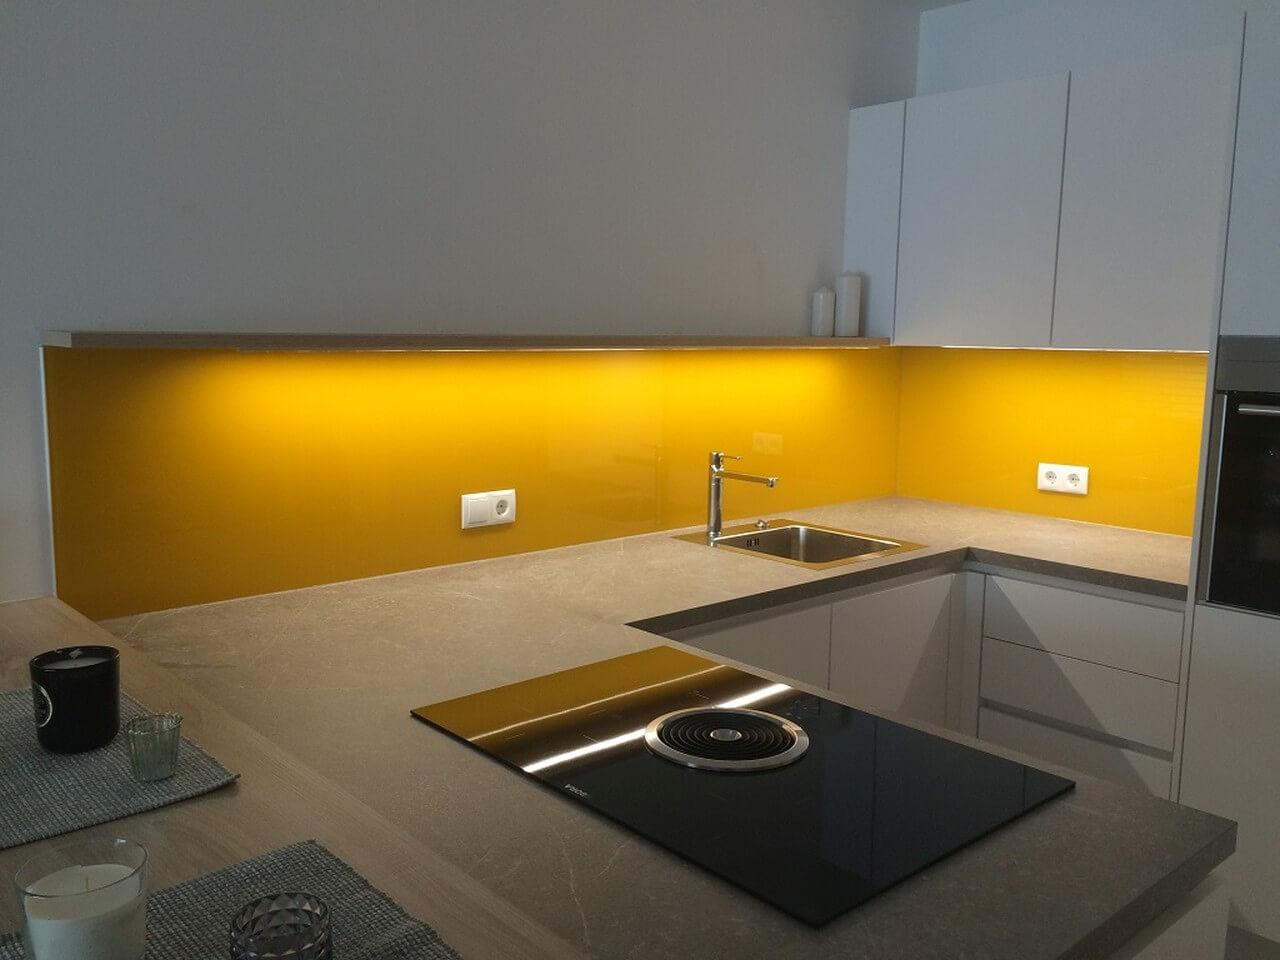 gro k chenr ckwand glas g nstig zeitgen ssisch die besten wohnideen. Black Bedroom Furniture Sets. Home Design Ideas